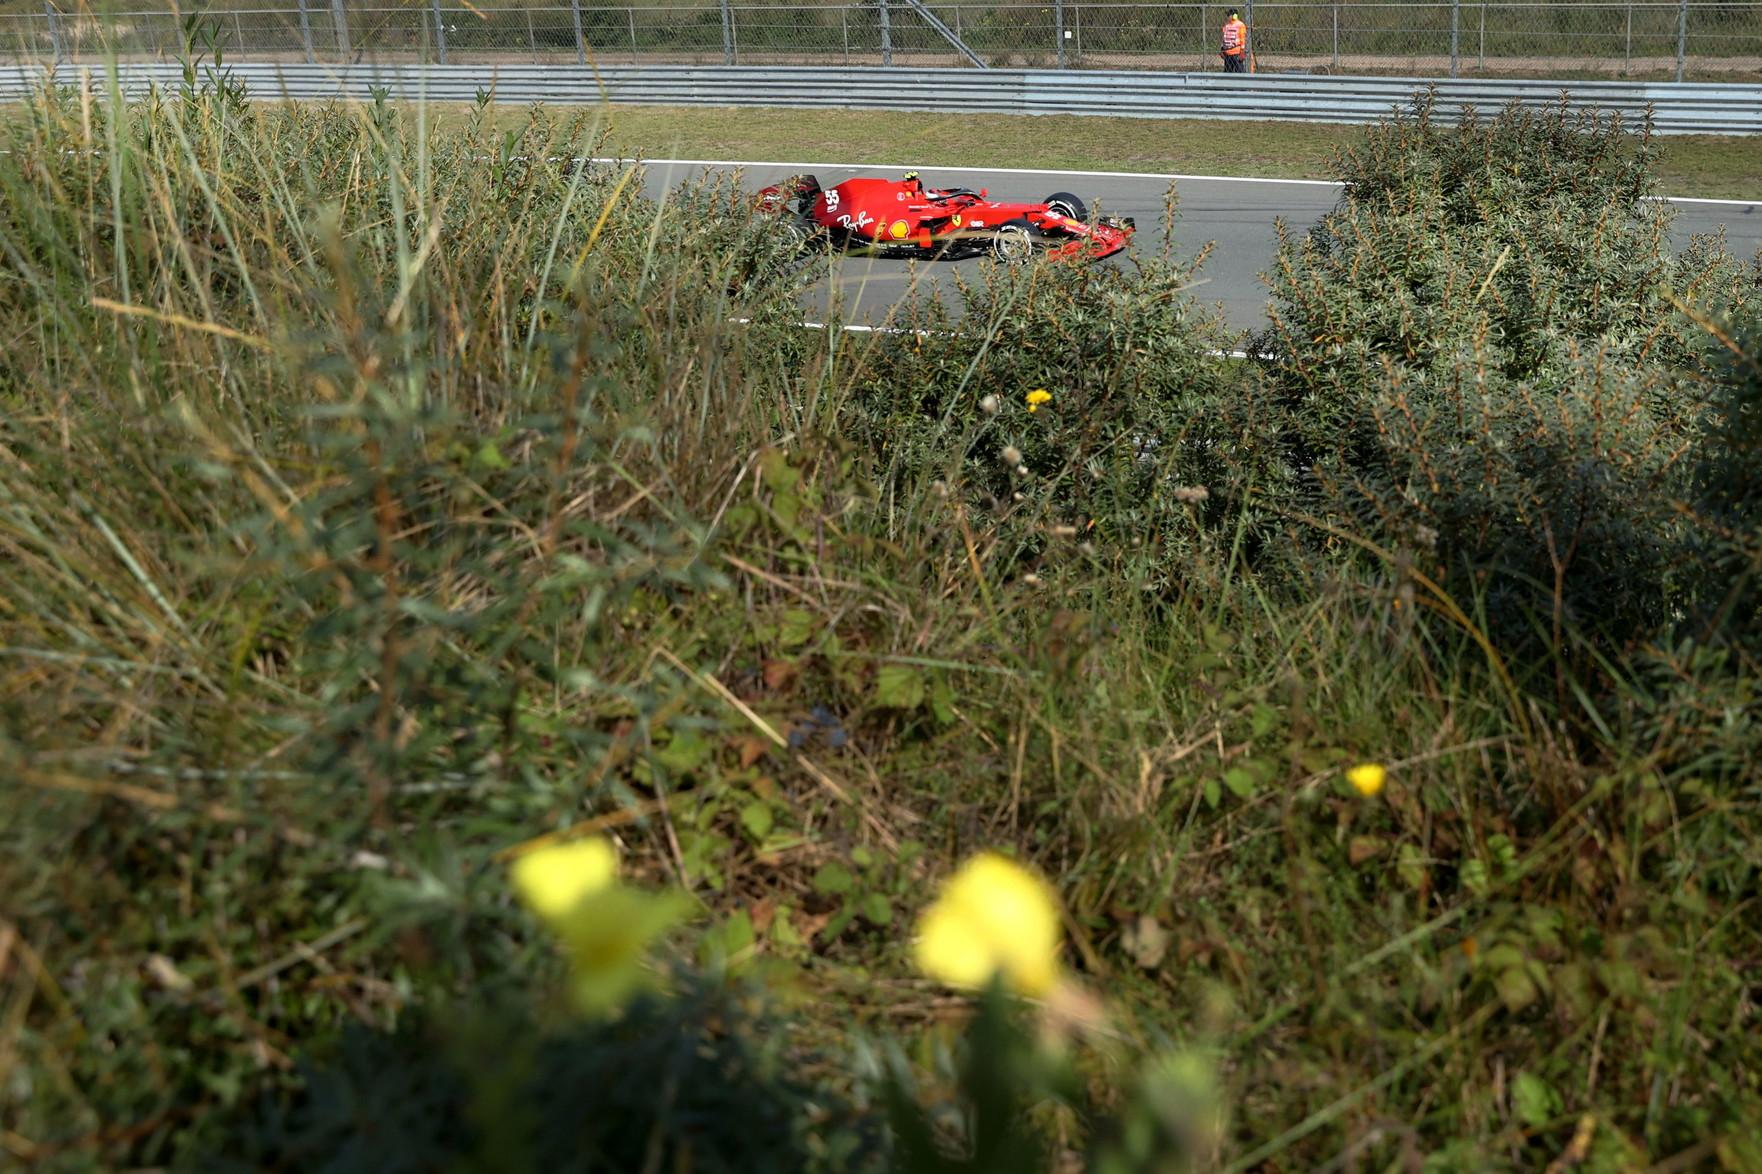 A 36 anni di distanza dall&#39;ultima volta la Formula Uno torna a Zandvoort, accolta da una marea &quot;orange&quot; sugli spalti. I tifosi olandesi riusciranno a dare a Verstappen i giusti stimoli per soprassare Hamilton in classifica generale?<br /><br />